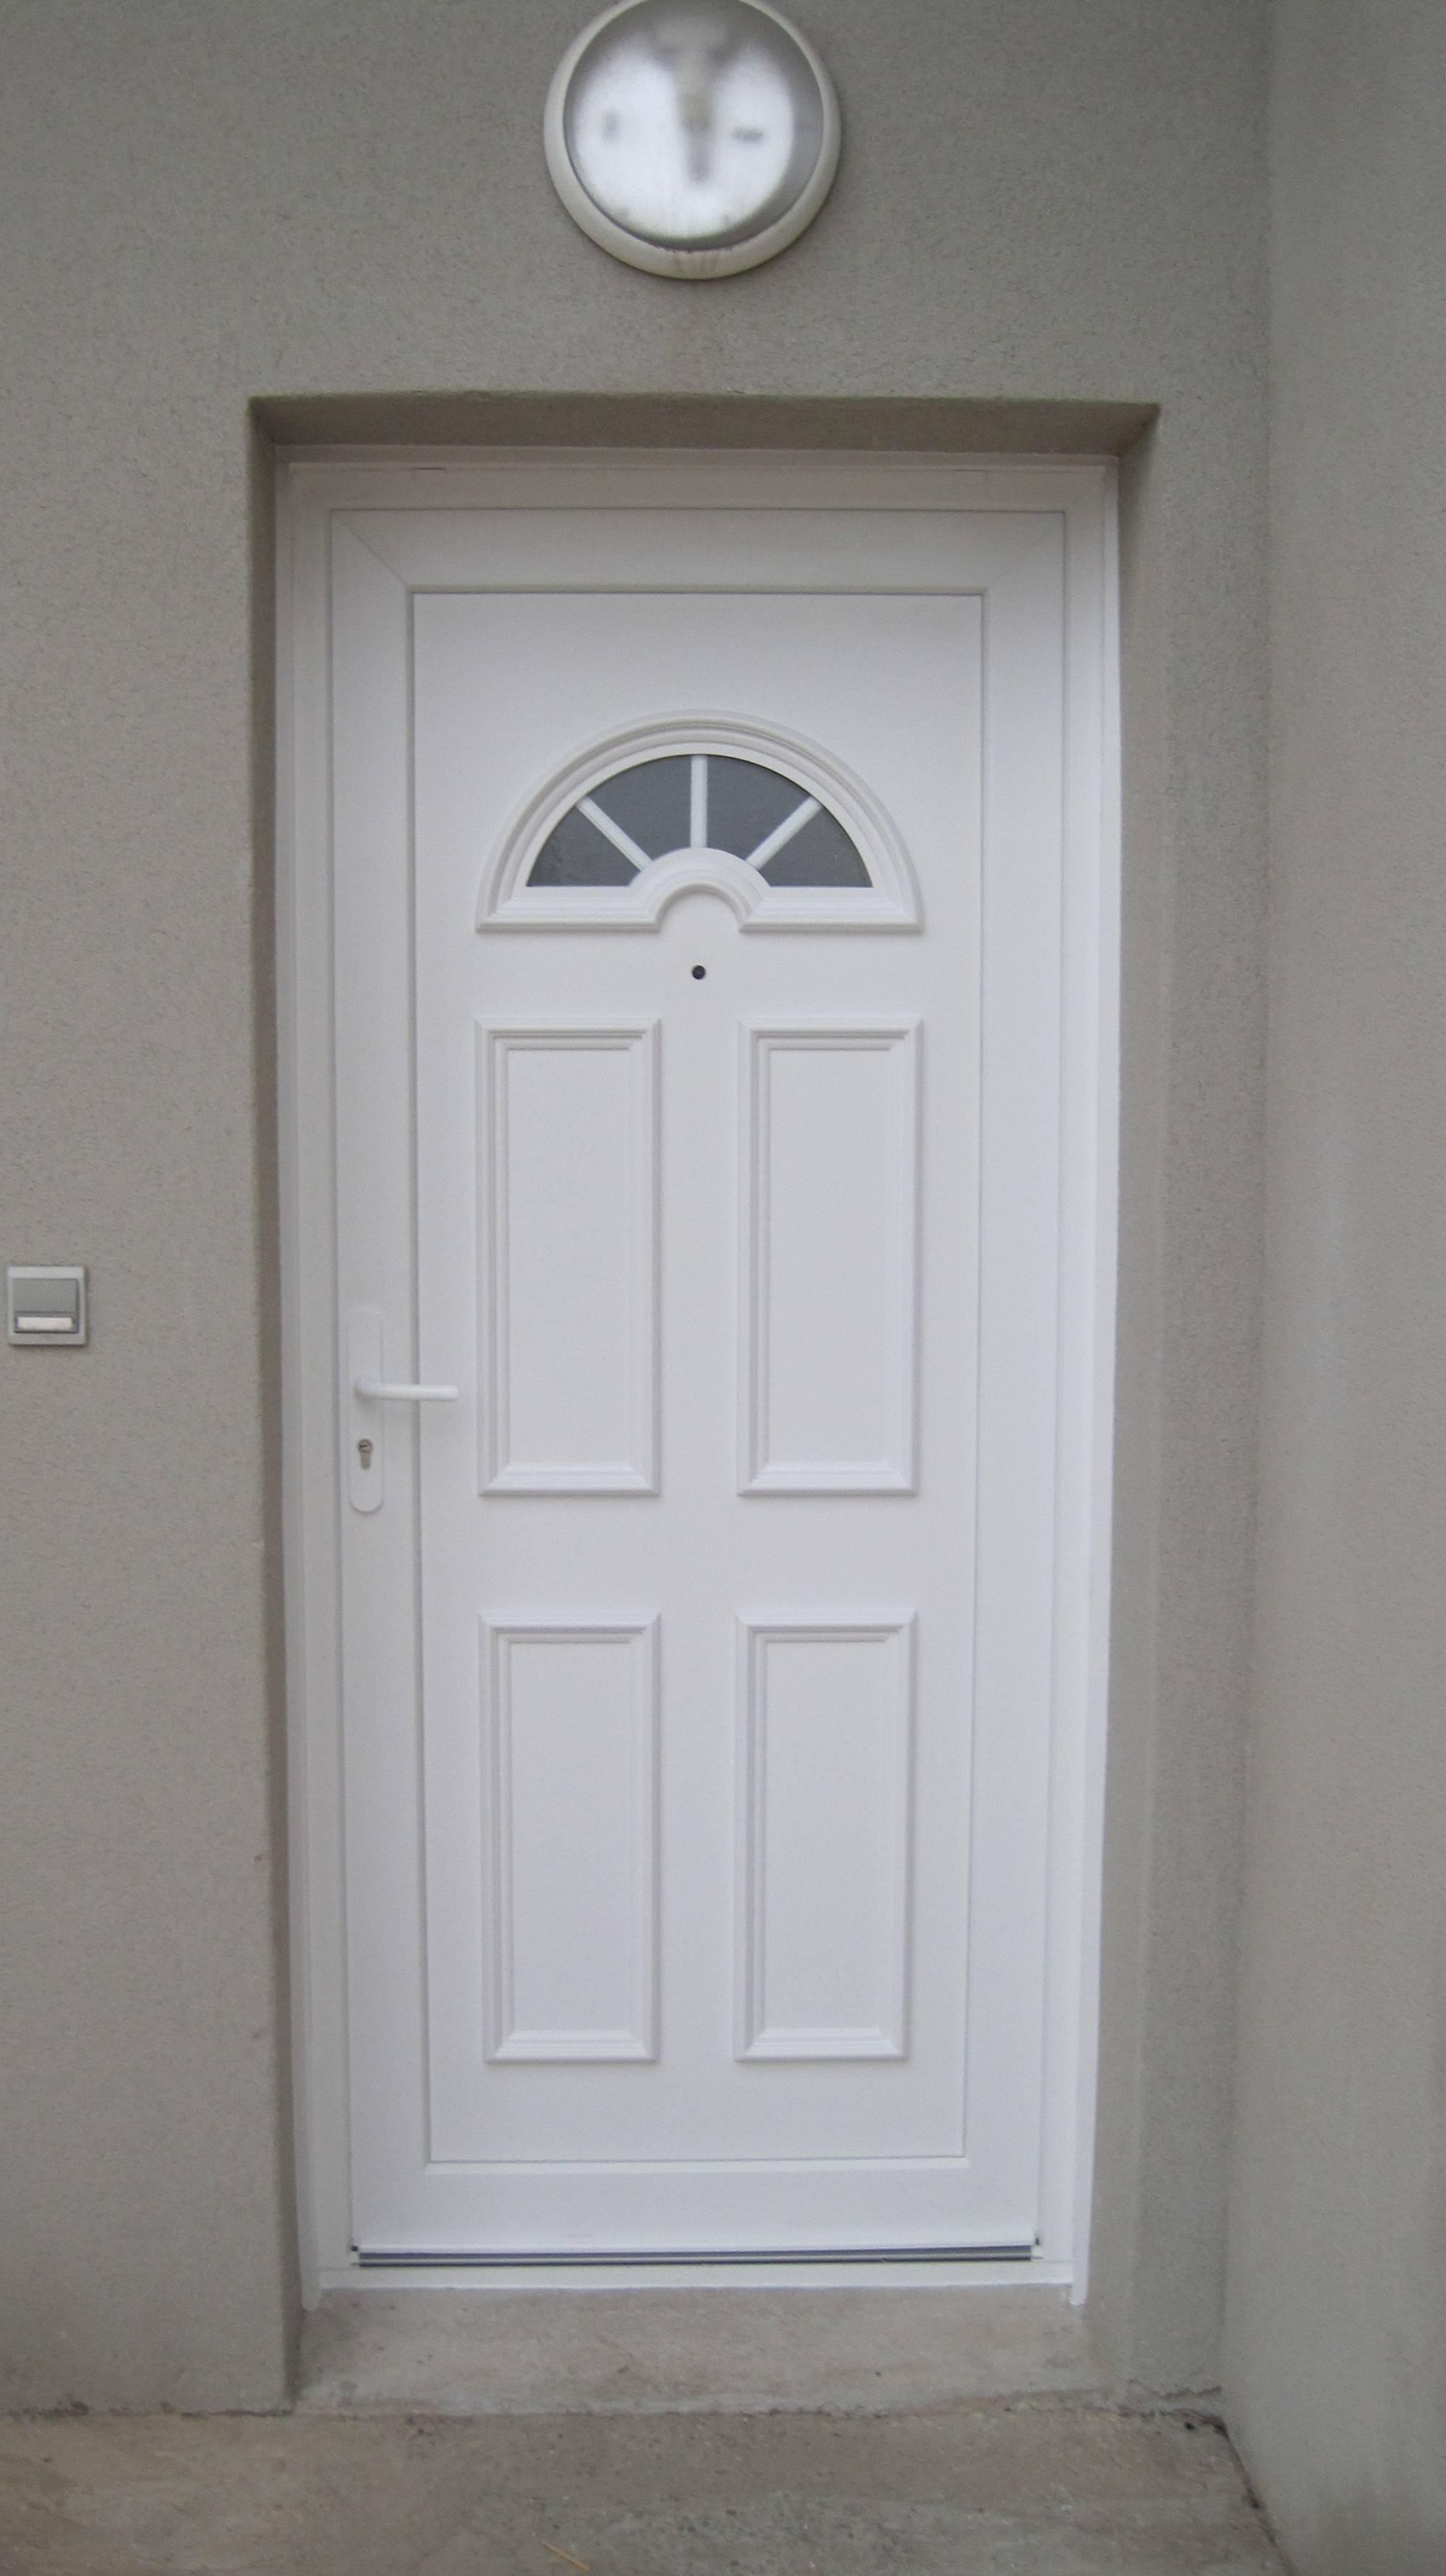 fabrication et pose de porte d 39 entr e classique en aluminium sur istres. Black Bedroom Furniture Sets. Home Design Ideas